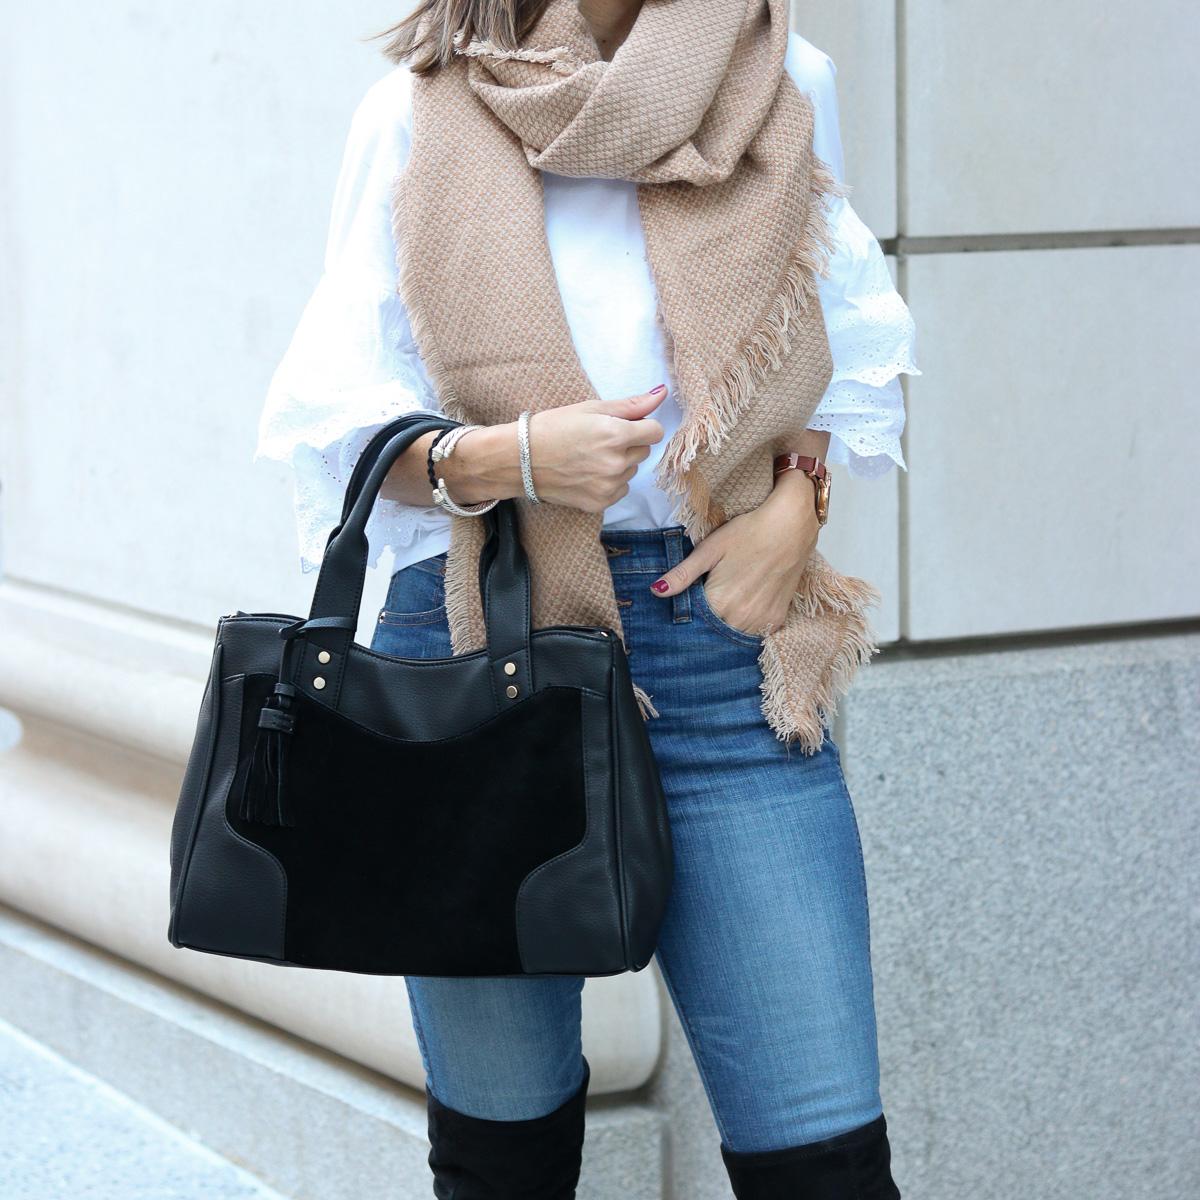 Black Bag for Fall